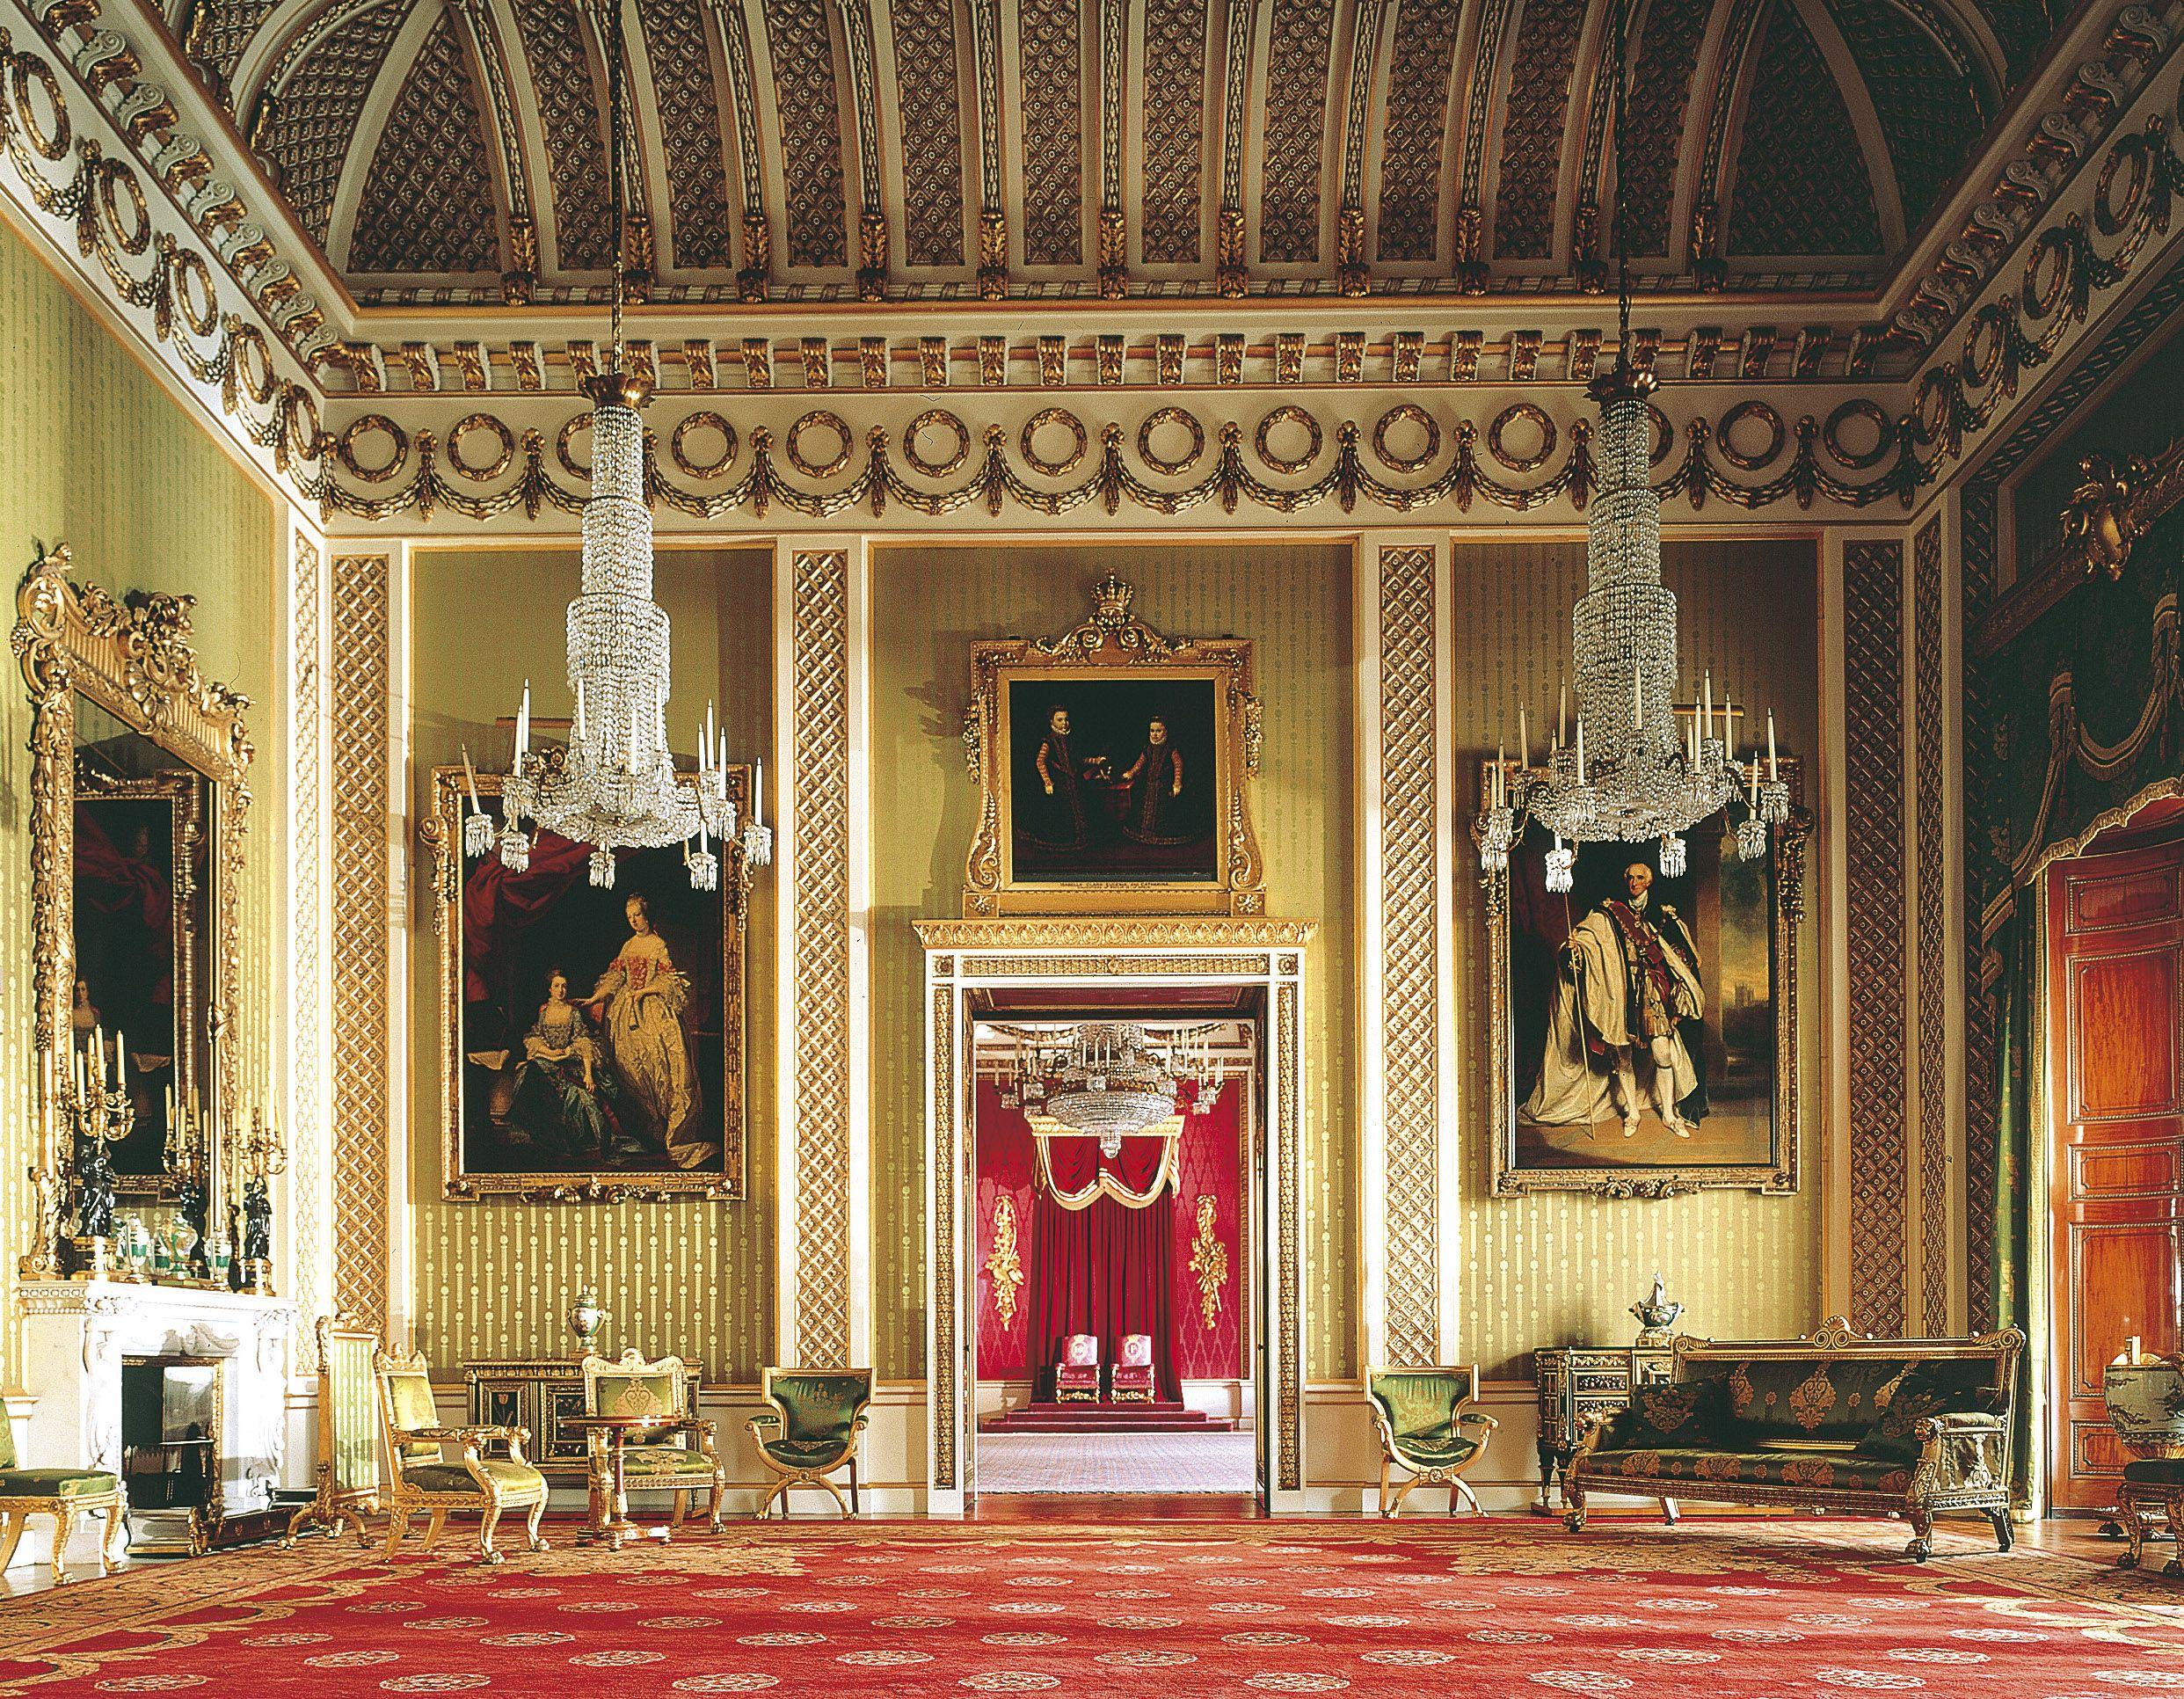 The-Royal-Room.jpg 2.484×1.932 Pixel